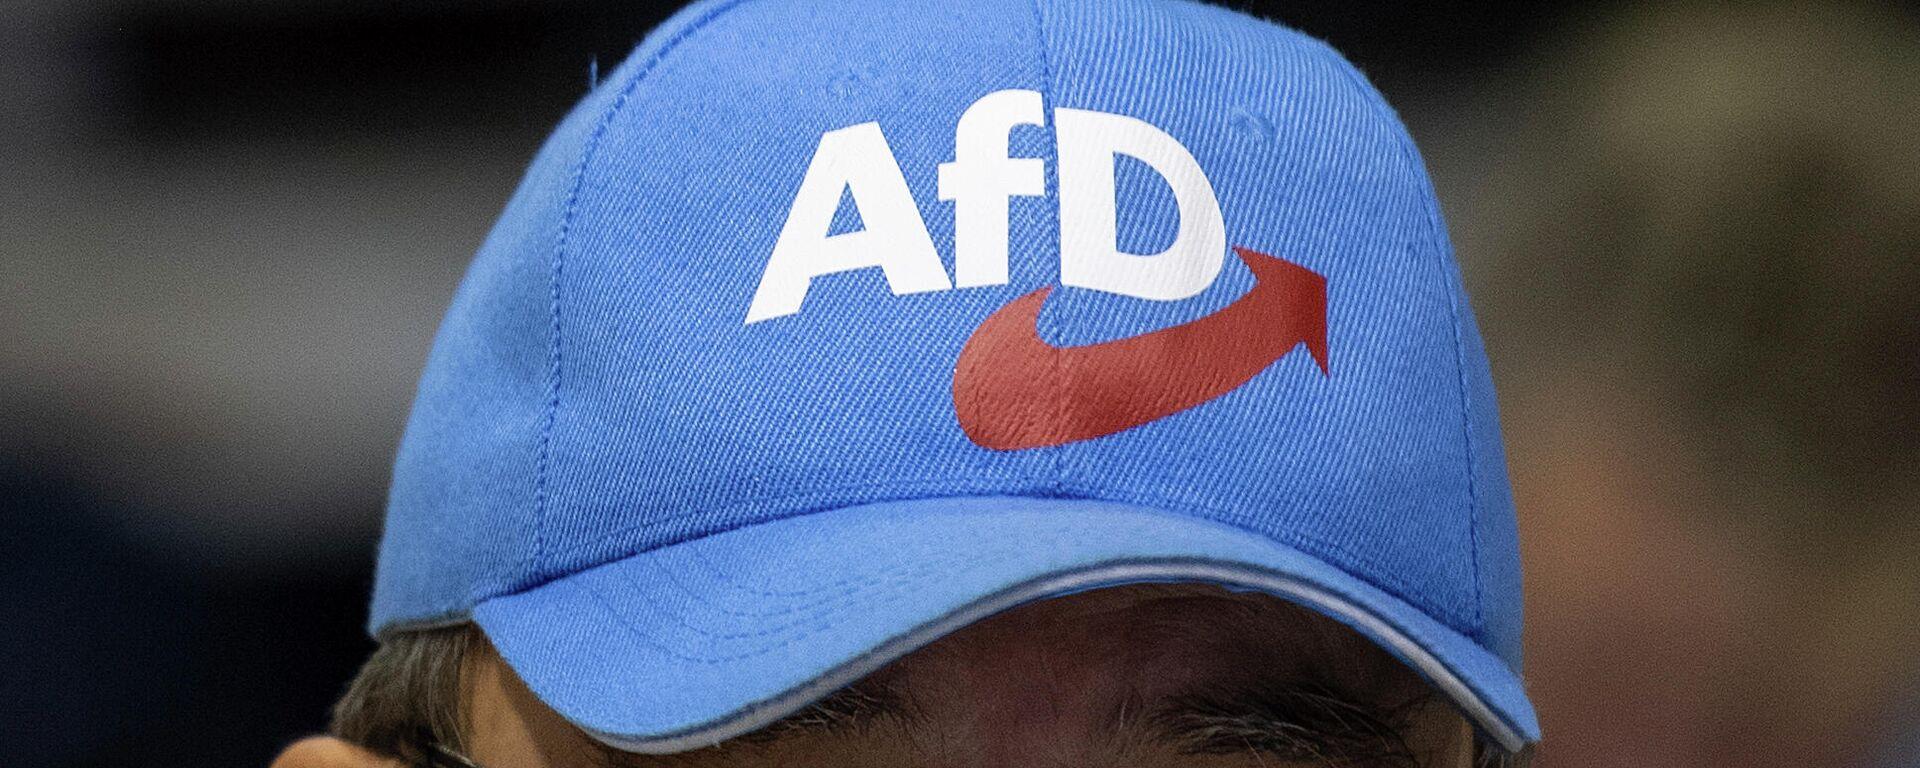 ein Teilnehmer einer Veranstaltung der Partei  AfD in der Sachsen Arena in Riesa trägt eine Mütze mit dem Logo der Partei. 13. Januar 2019. - SNA, 1920, 04.06.2021